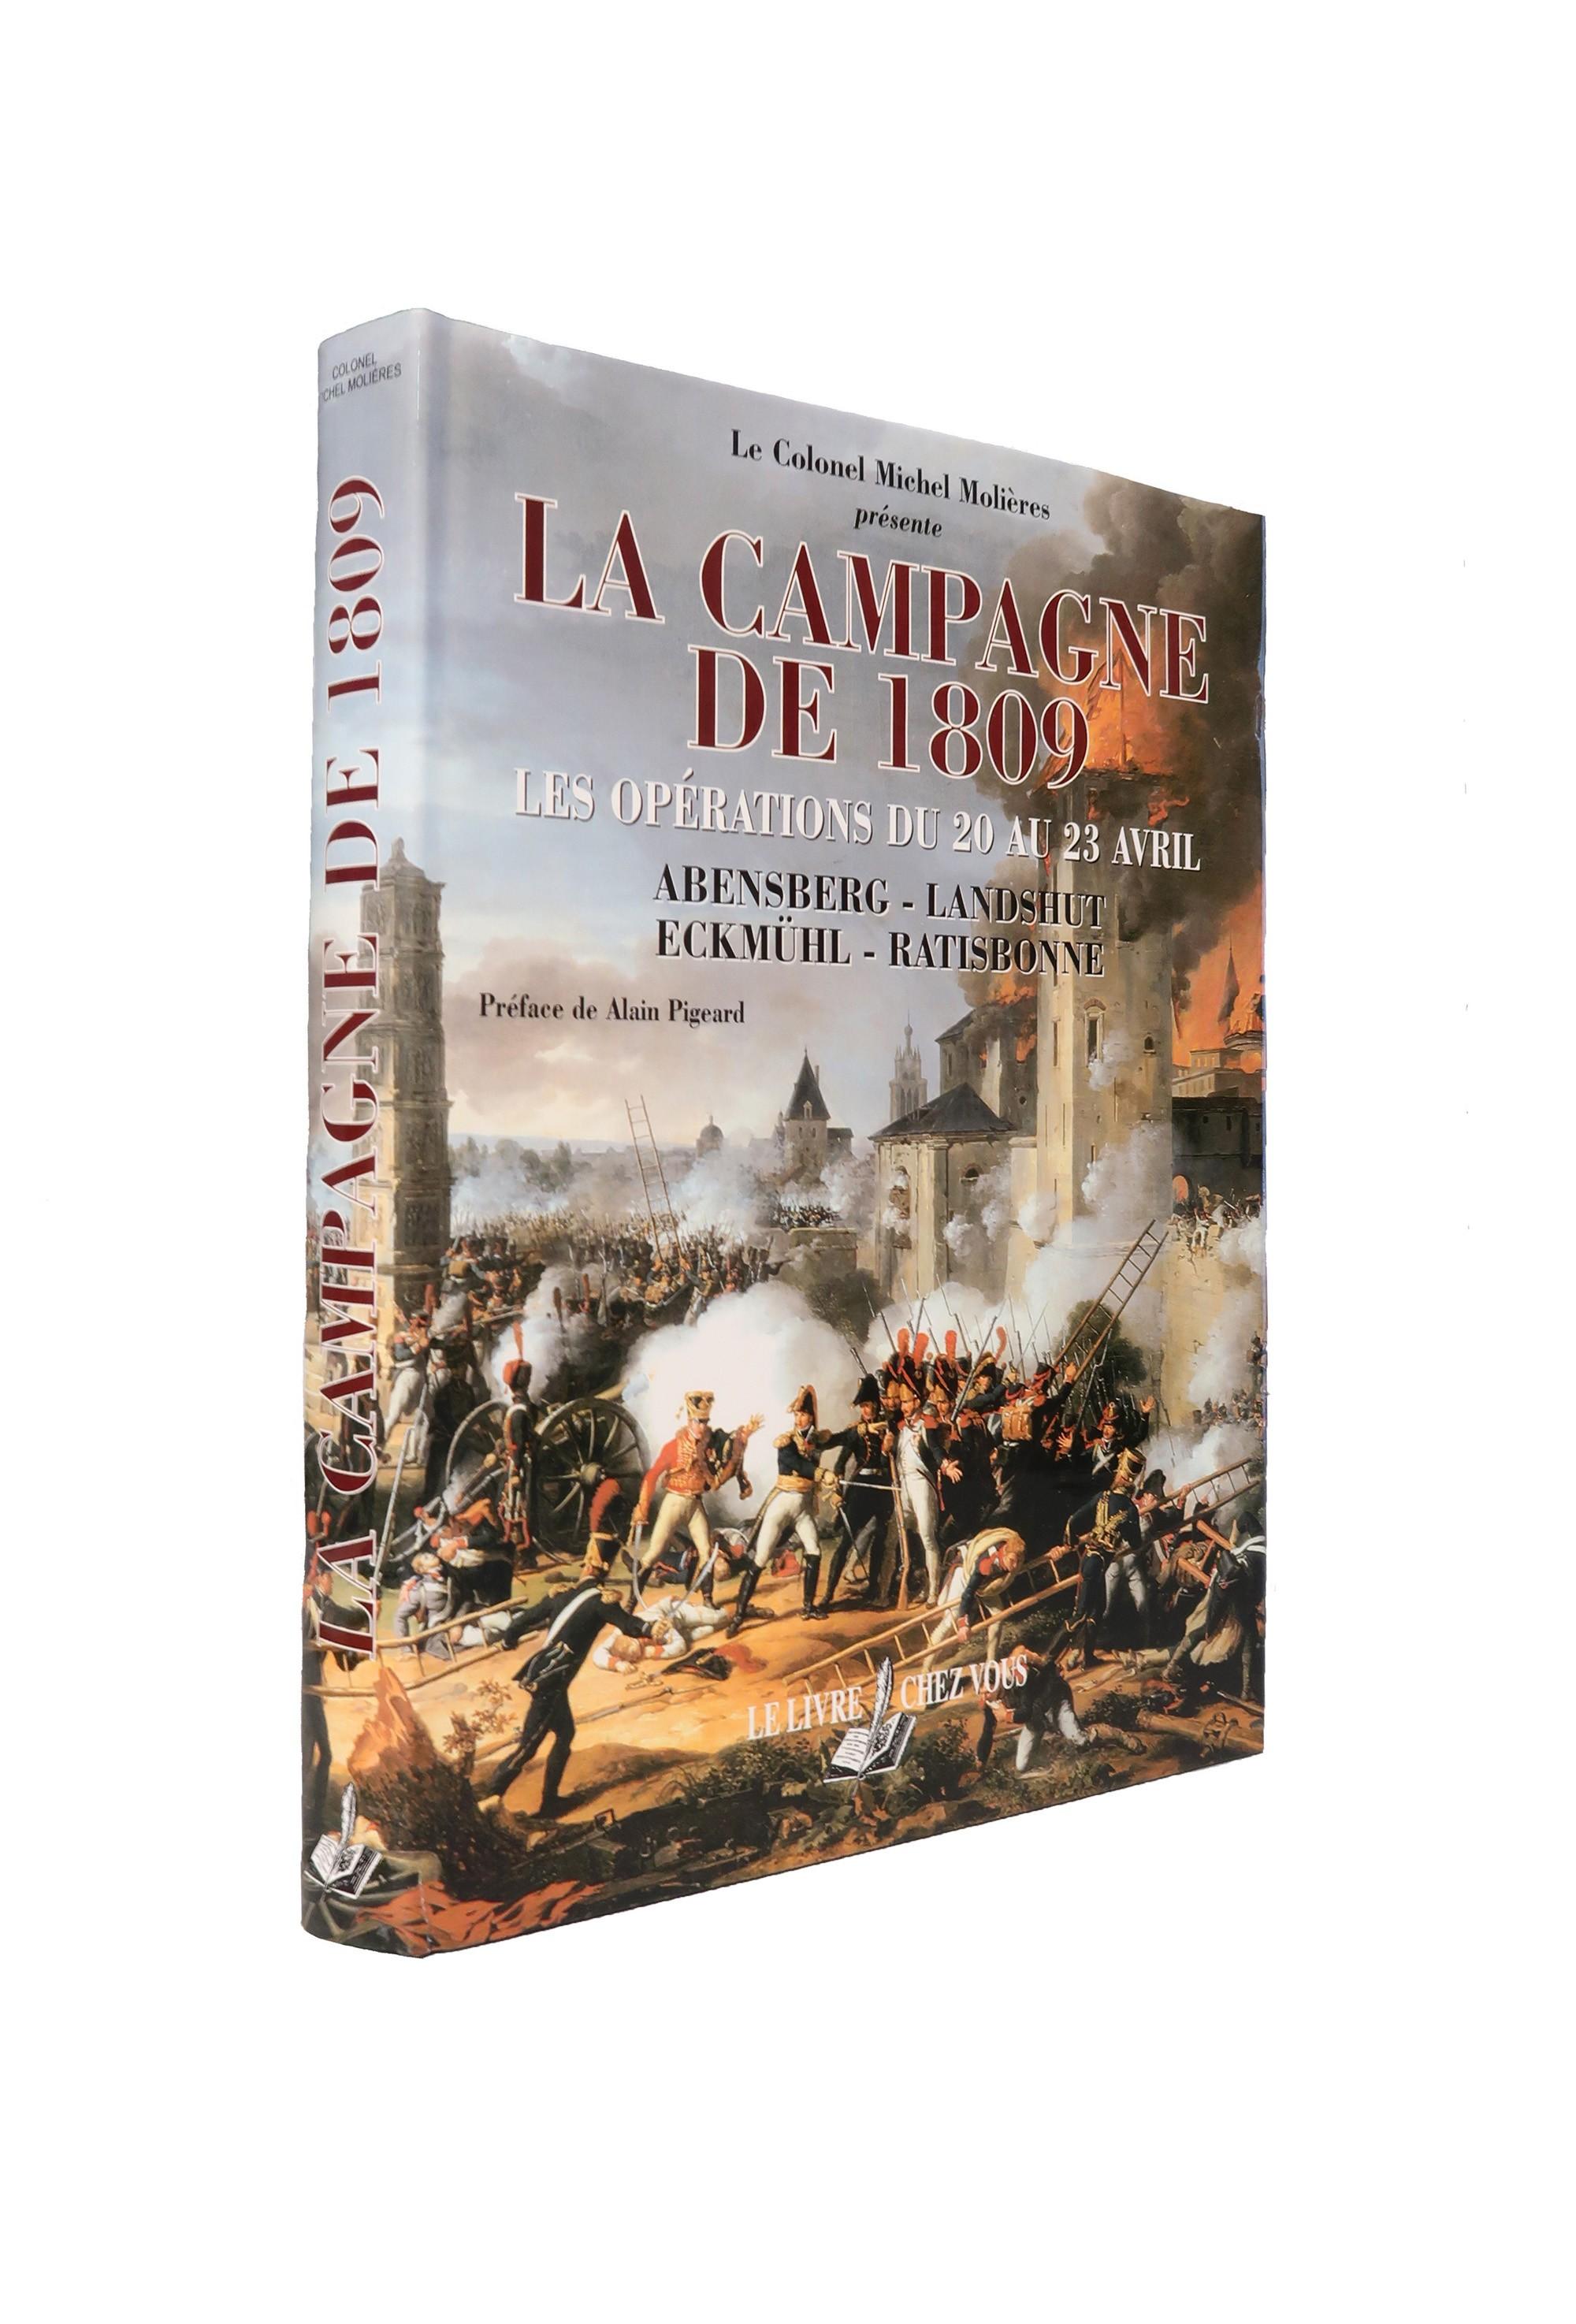 La Campagne de 1809 - Les opérations du 20 au 23 avril